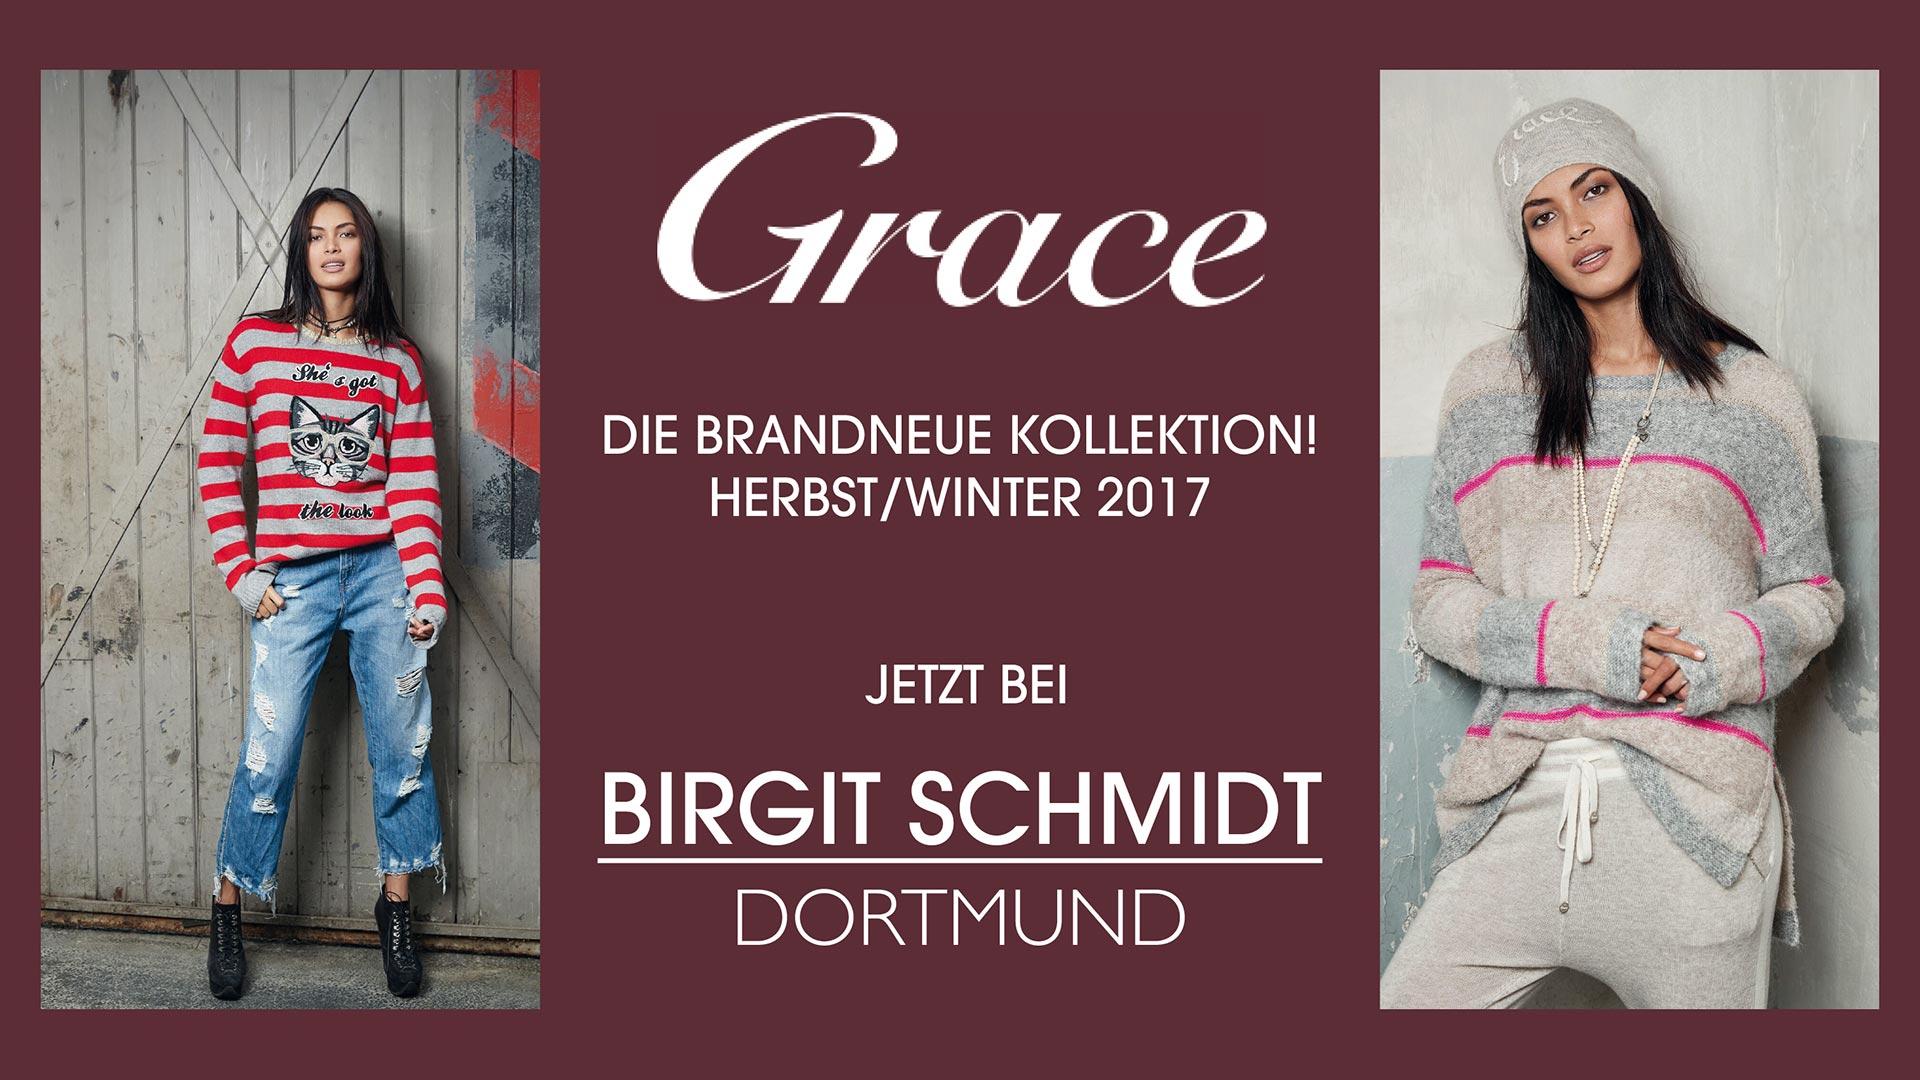 Grace neue Kollektion Herbst/Winter 2017